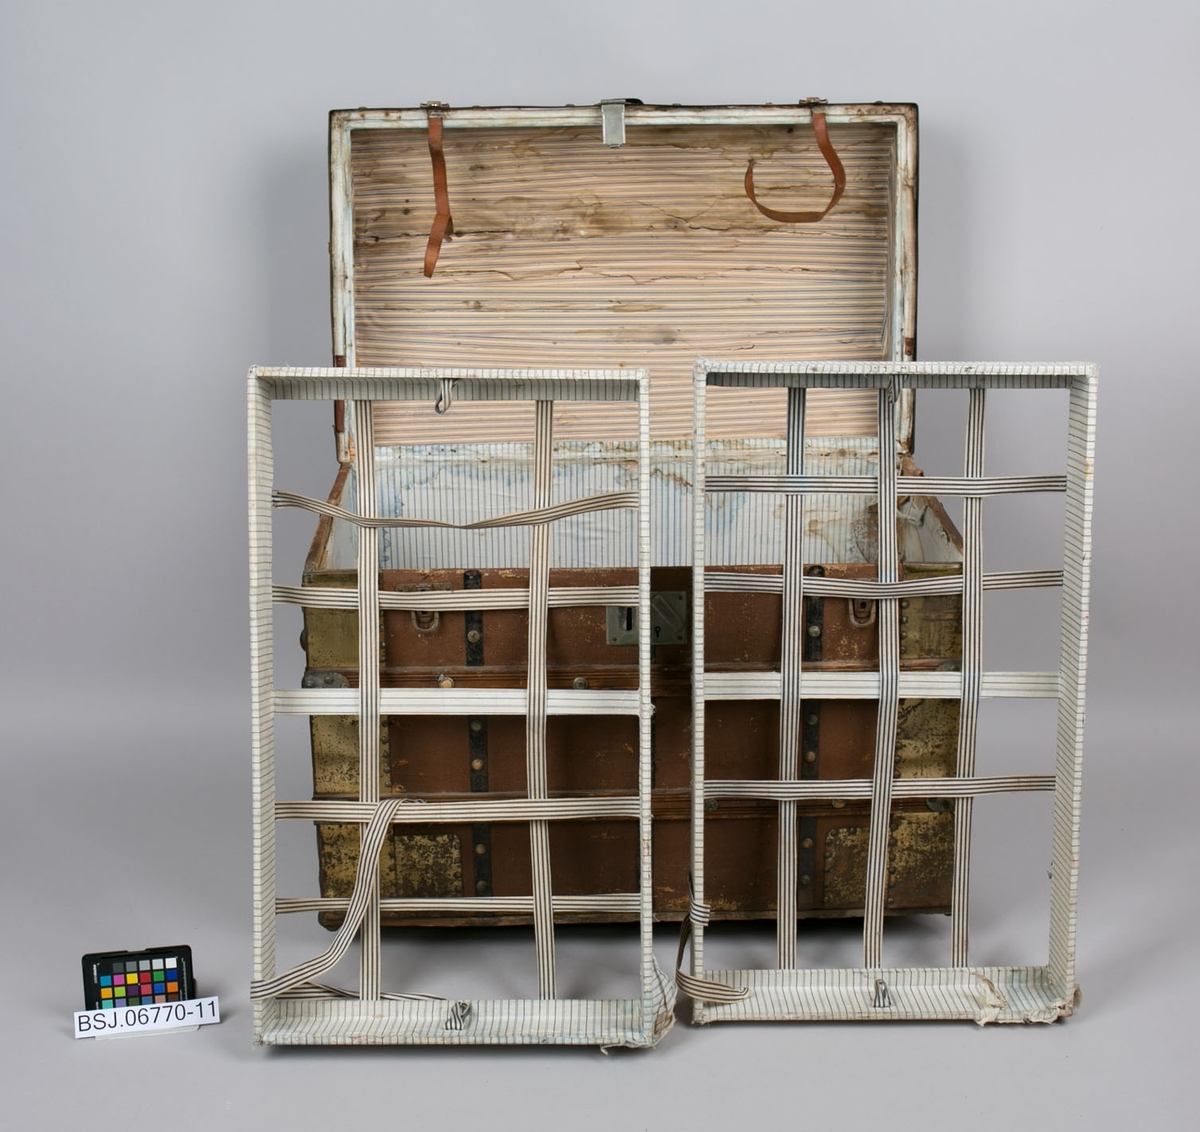 Kiste i tre med buet lokk. Beslag i metall og trukket med hempestoff. Inni er det to innlegg for klesoppbevaring, i tre trukket med hvit og blåstripet bomullsstoff. Bunnen av disse består av tekstilreimer.